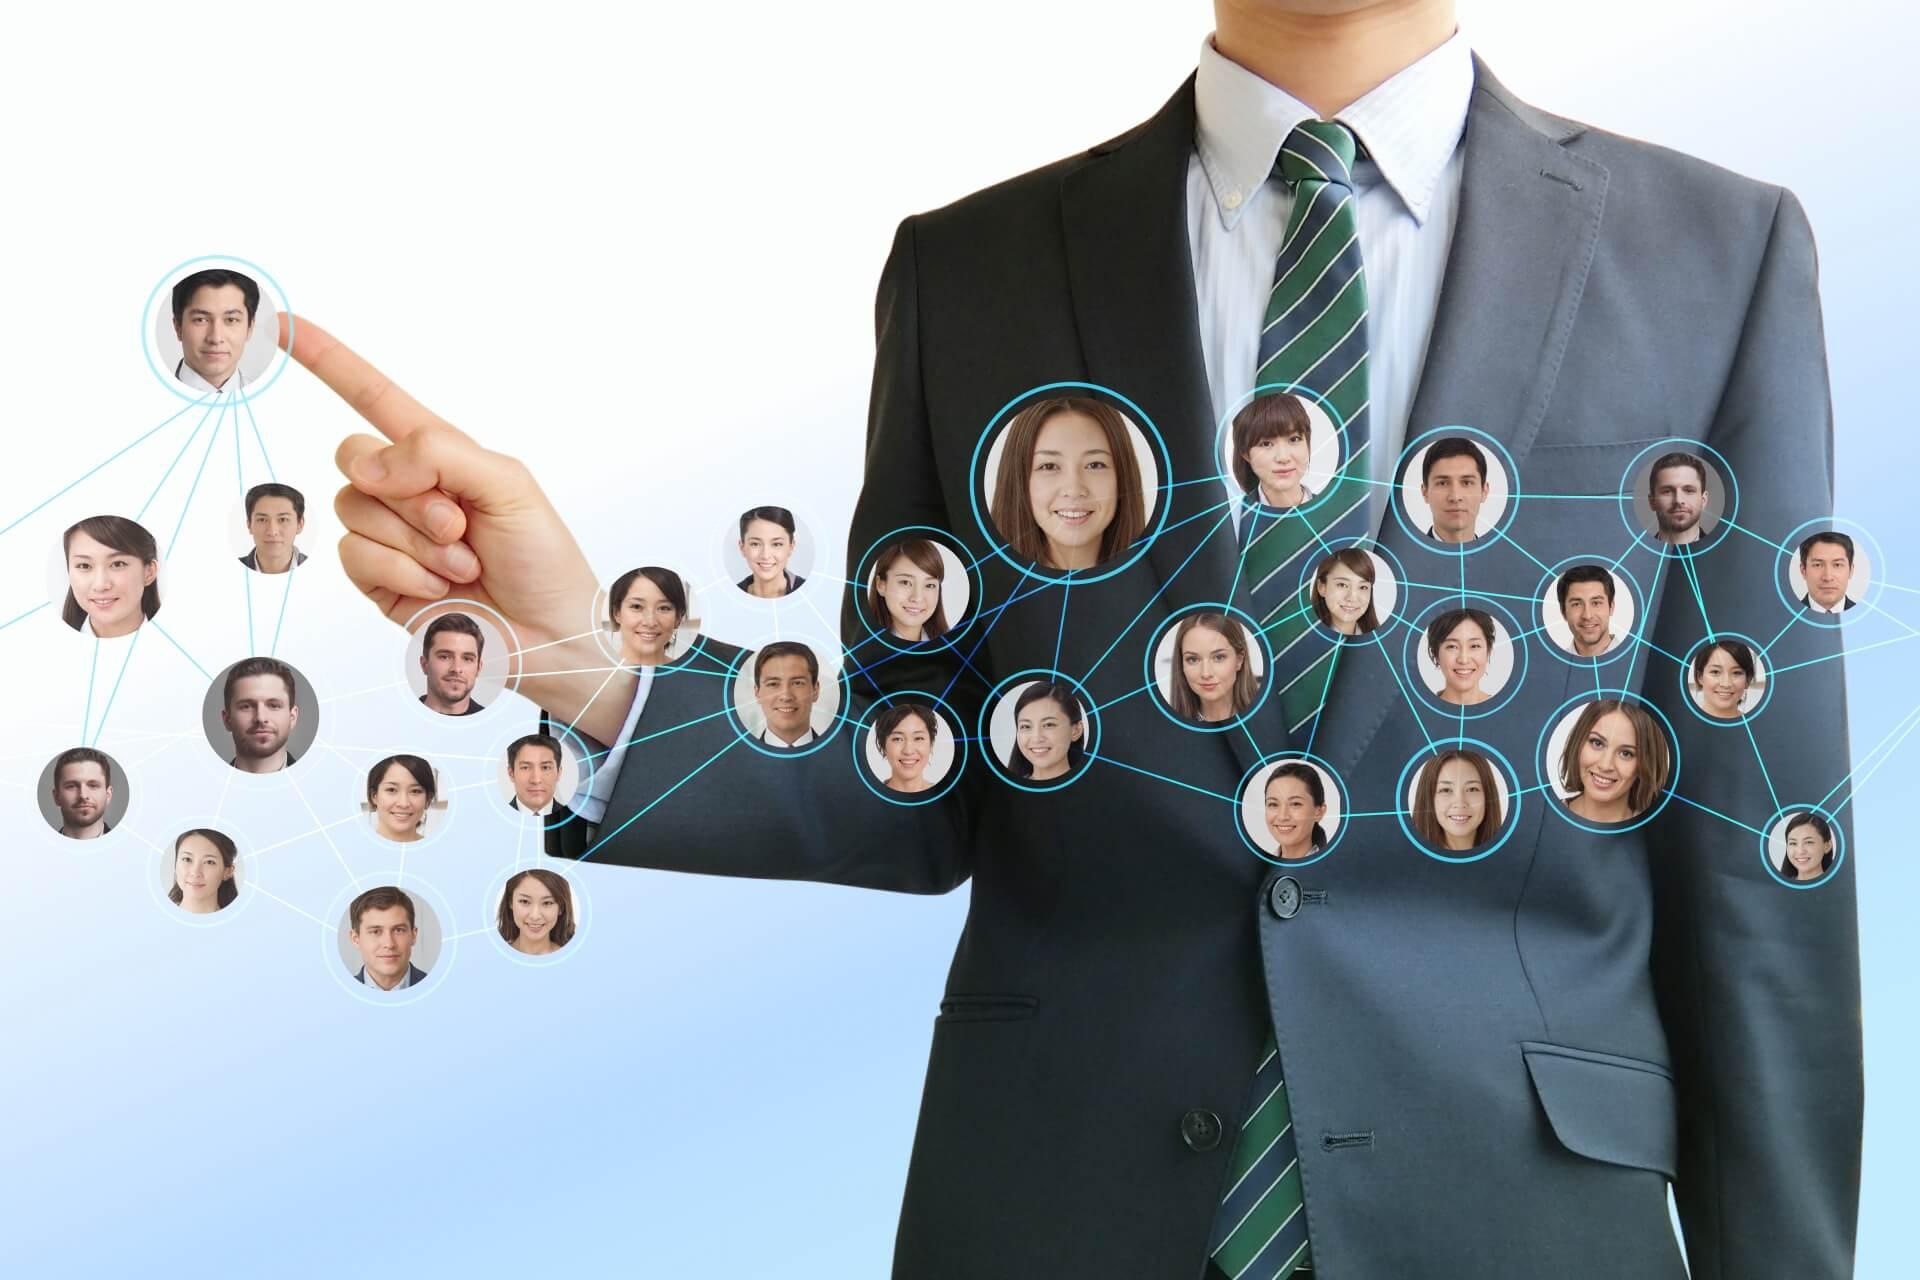 人材戦略とは?フレームワークや企業事例から戦略の立て方を学ぼう